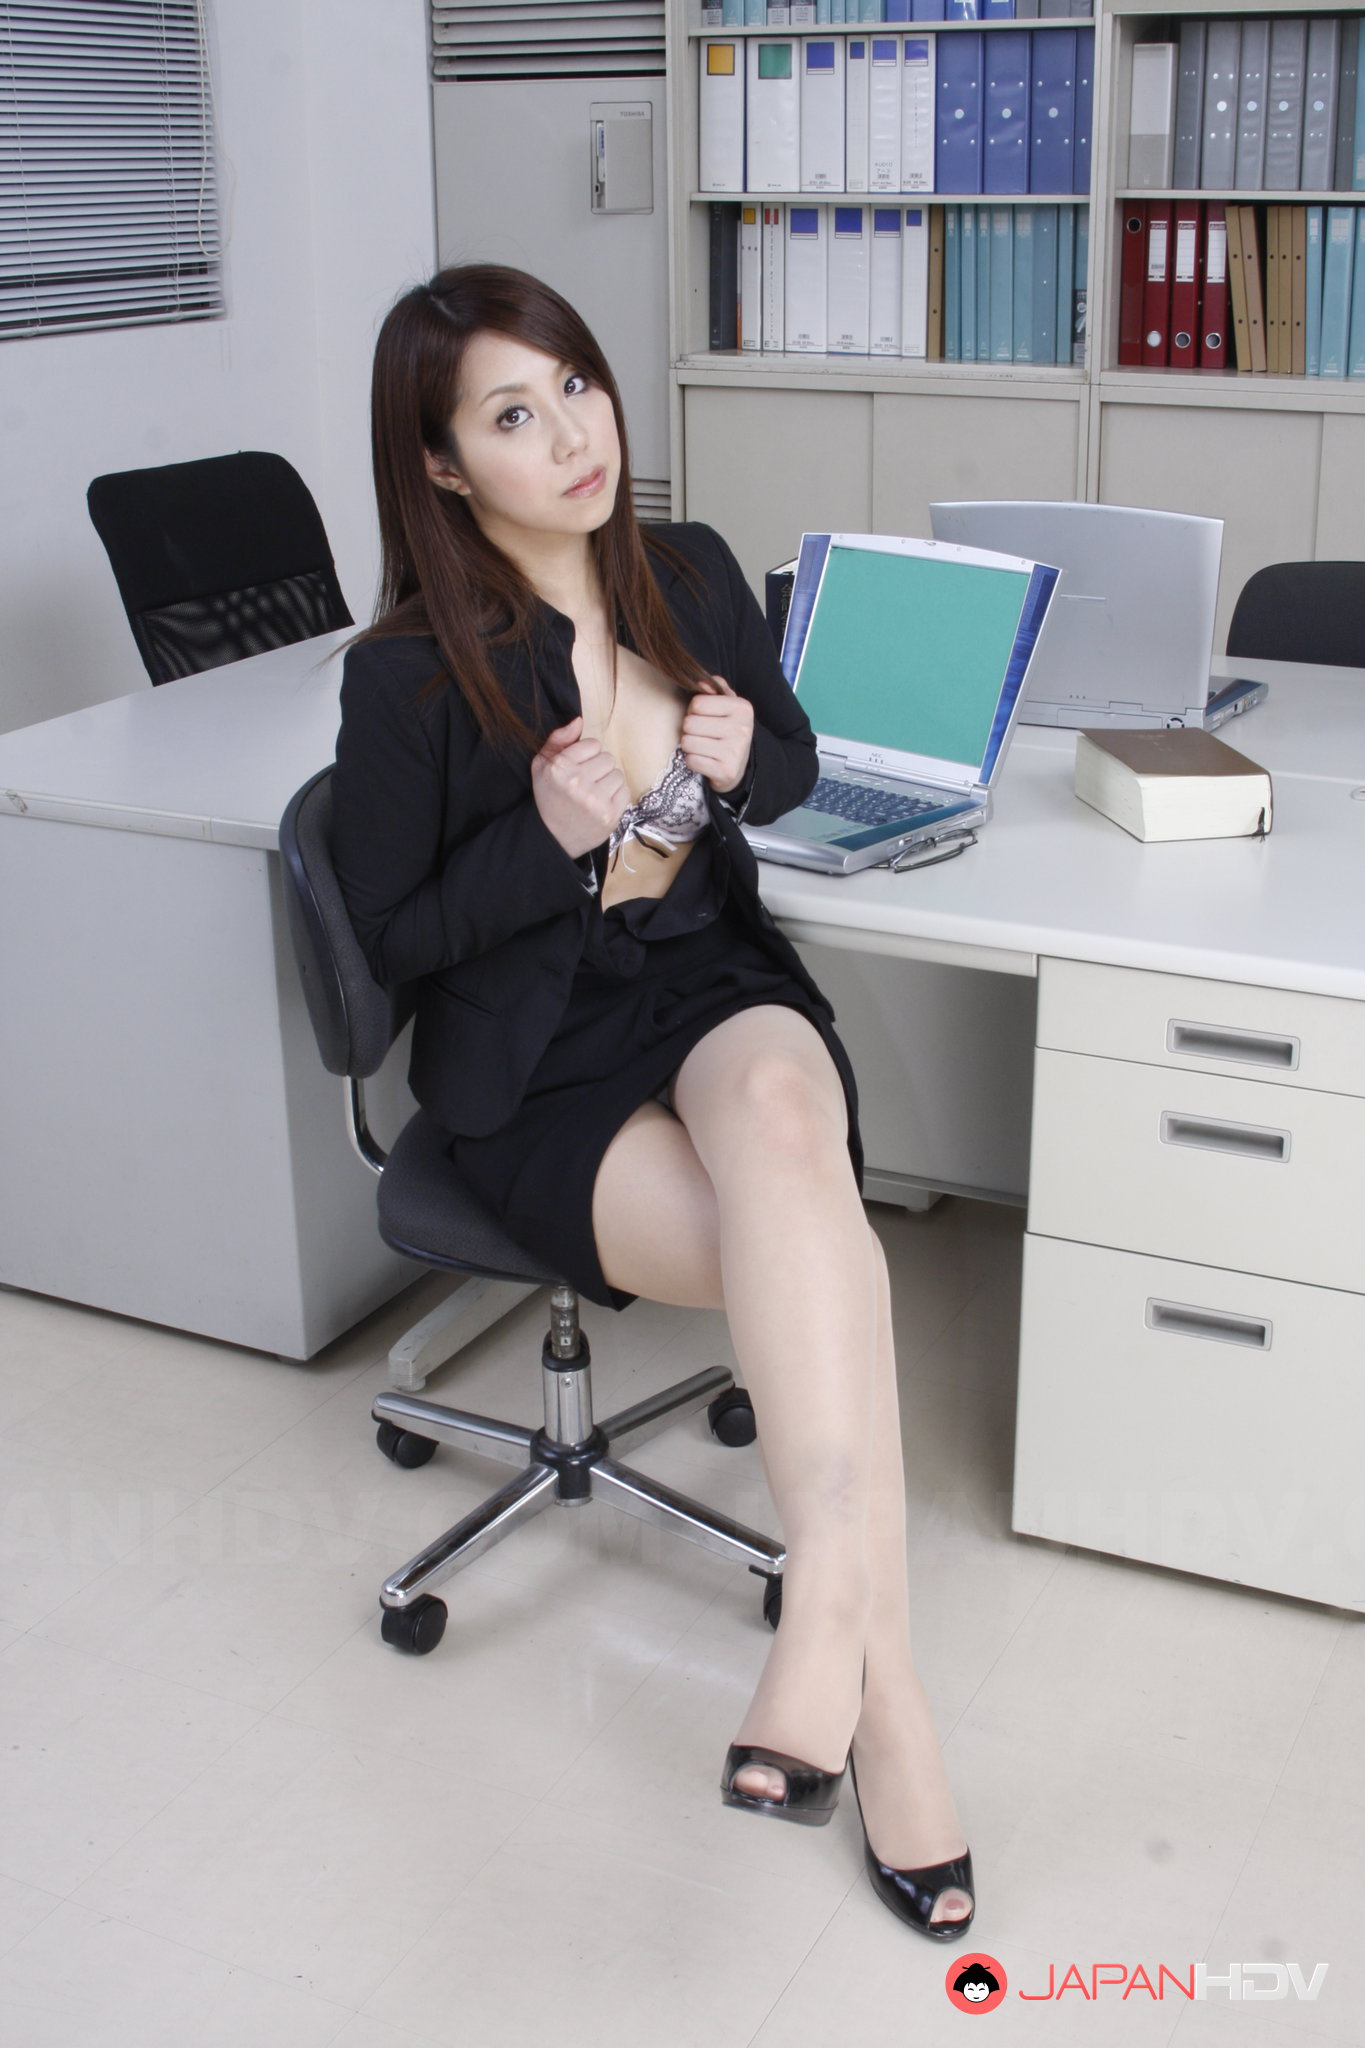 desk-chair-nude-sex-licking-boy-ass